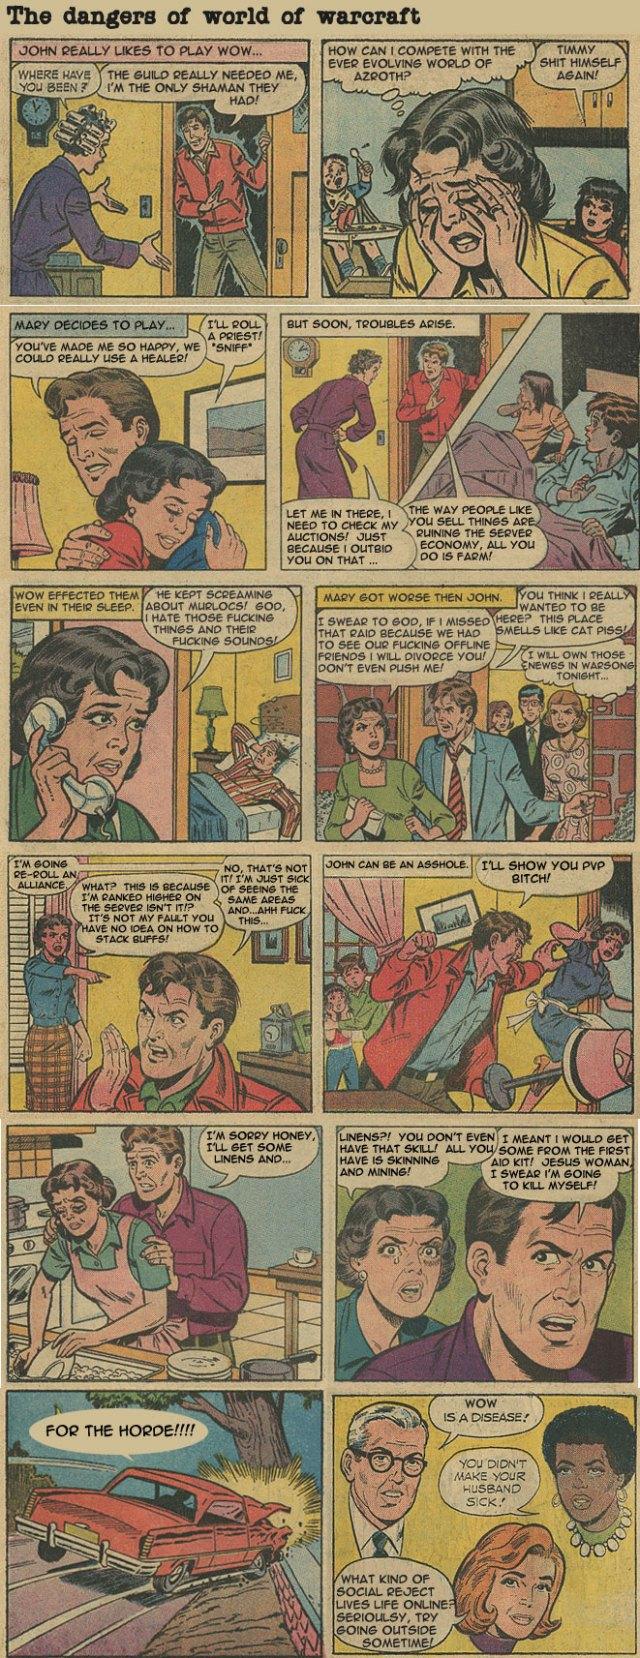 WoW-comic.jpg